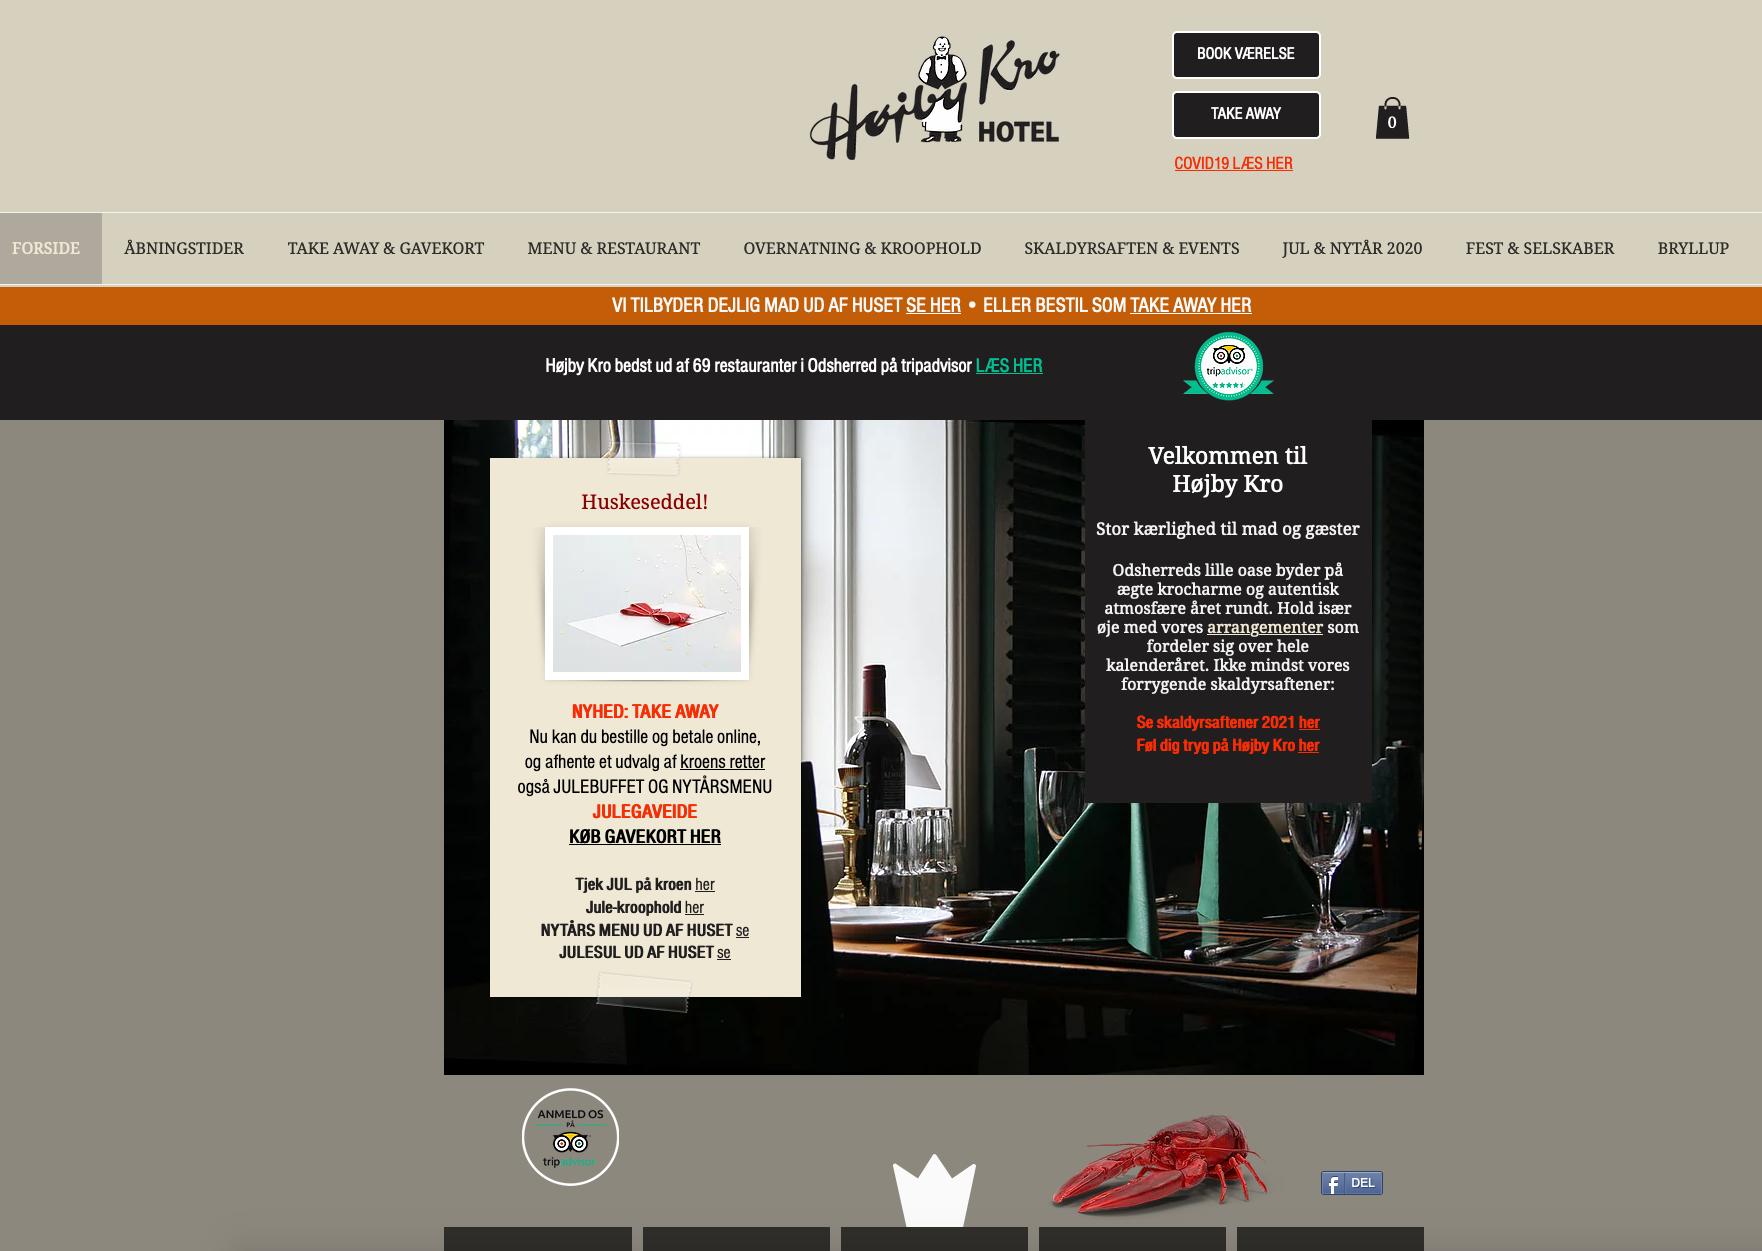 Højby Kro & Hotel | TAKE AWAY